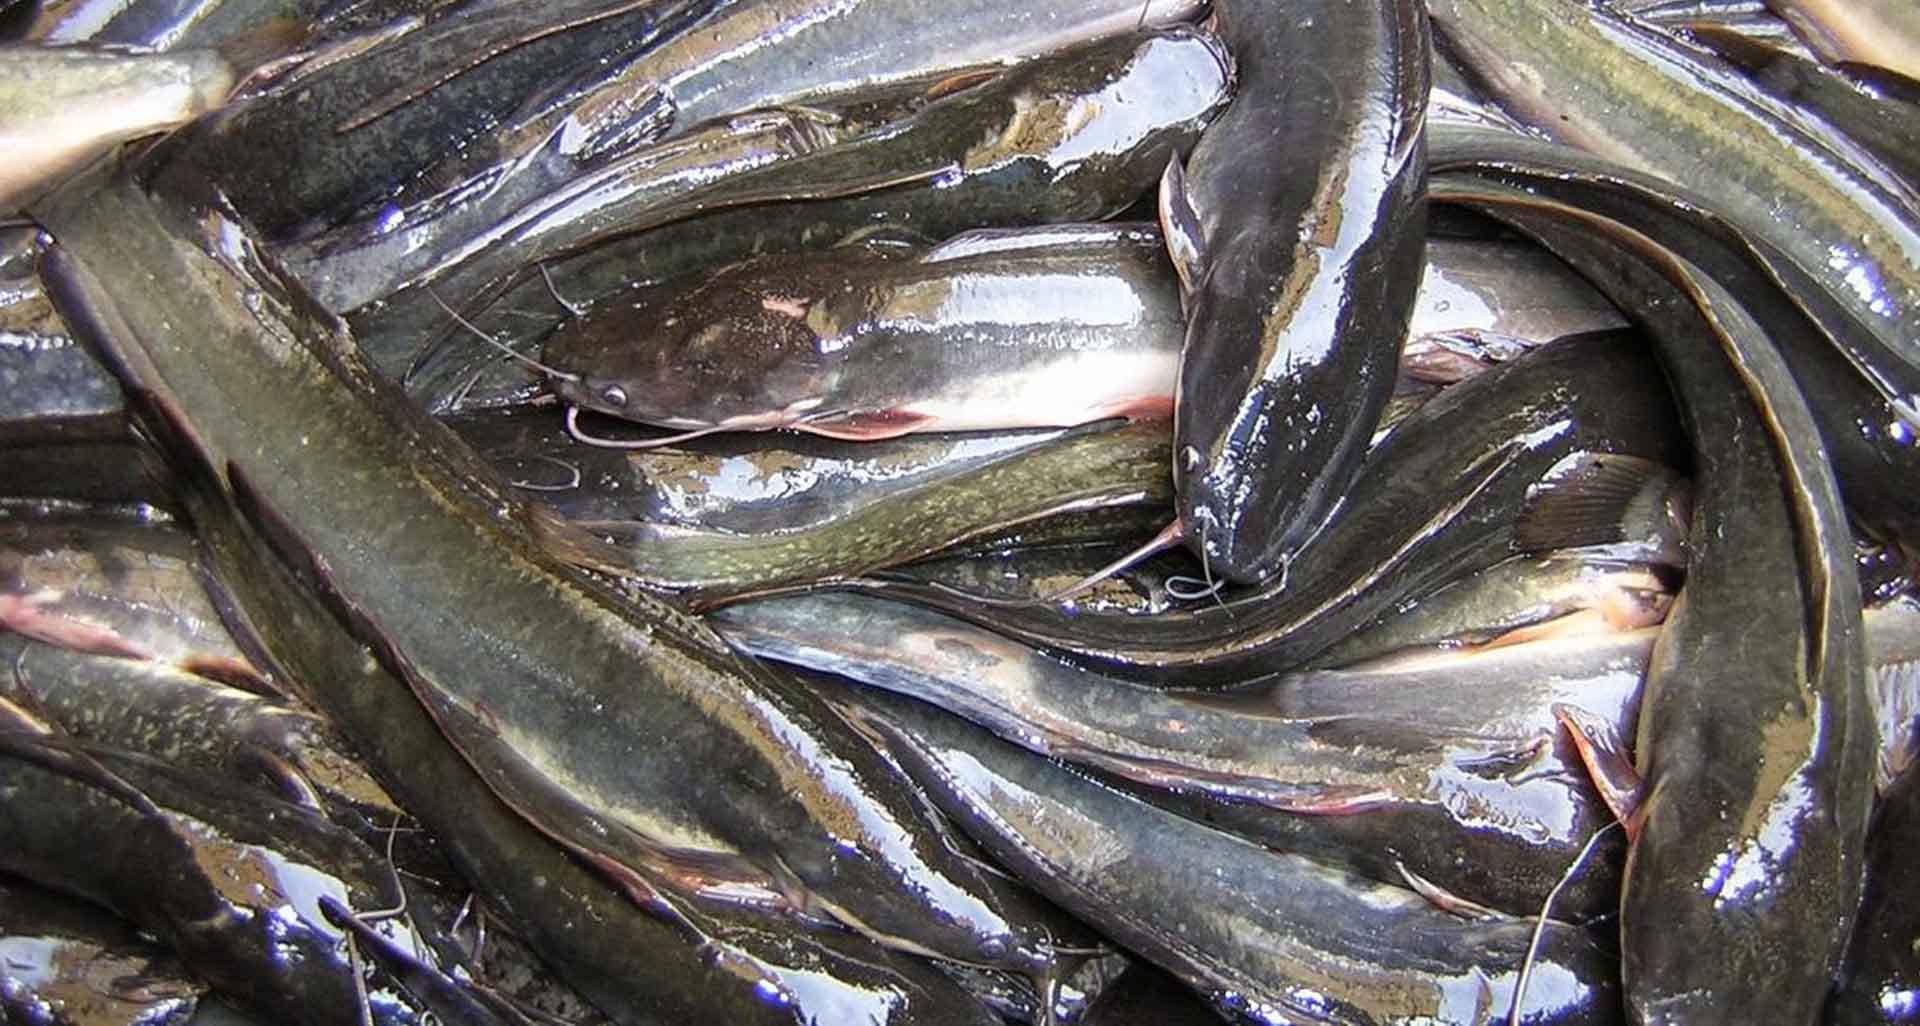 Ikan Lele Memiliki Kekebalan Tubuh yang Kuat